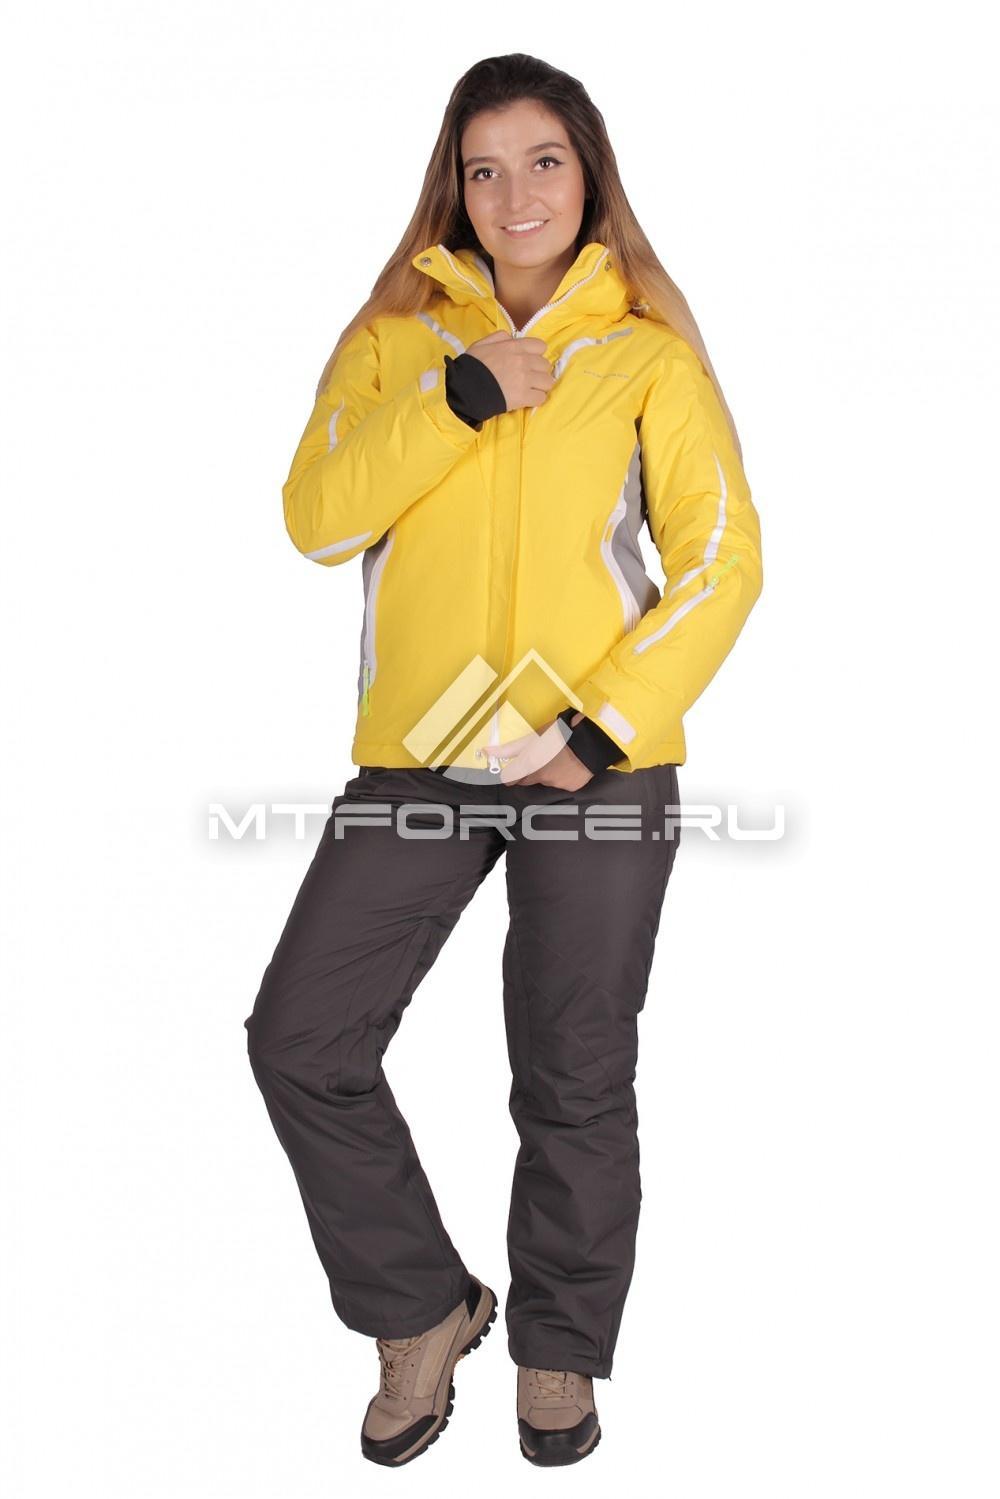 Купить                                  оптом Костюм горнолыжный женский желтого цвета 01628J